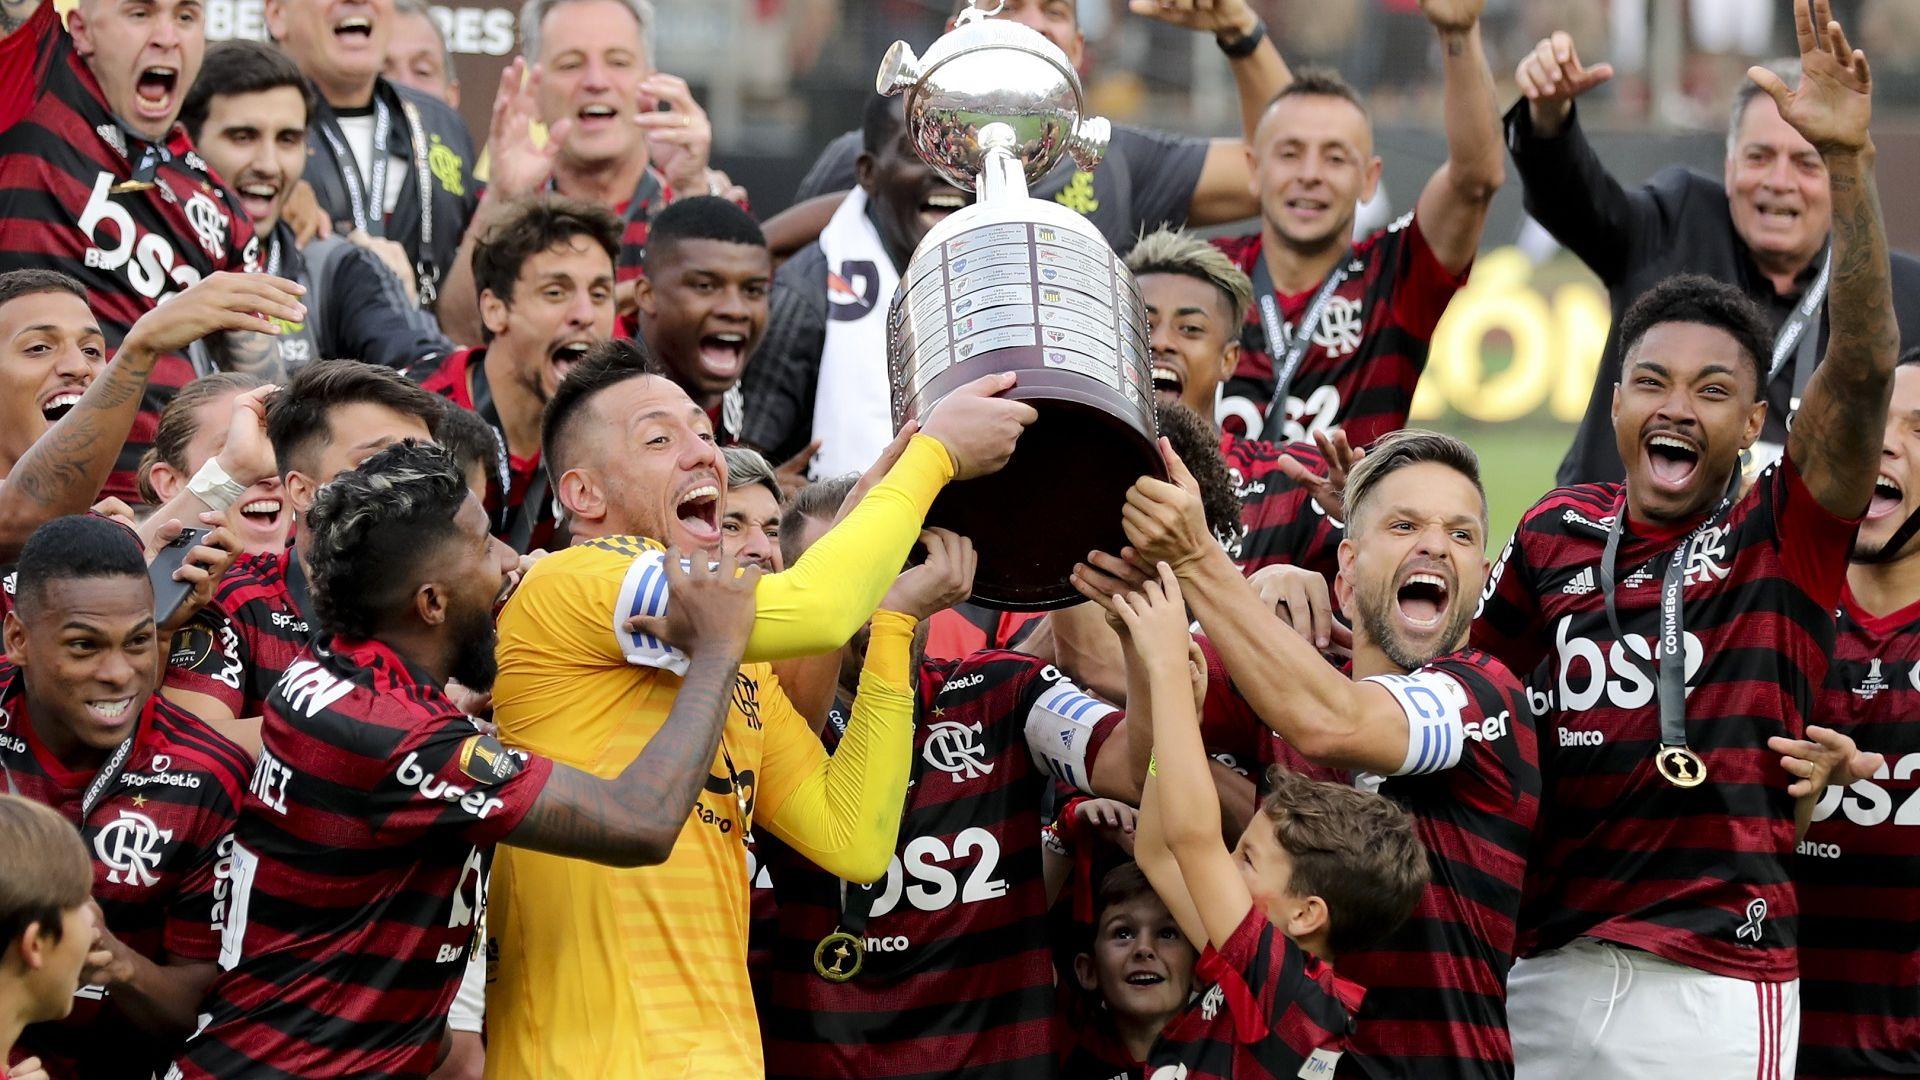 Програмата за Световното клубно първенство е ясна, бразилци се заканиха на Ливърпул